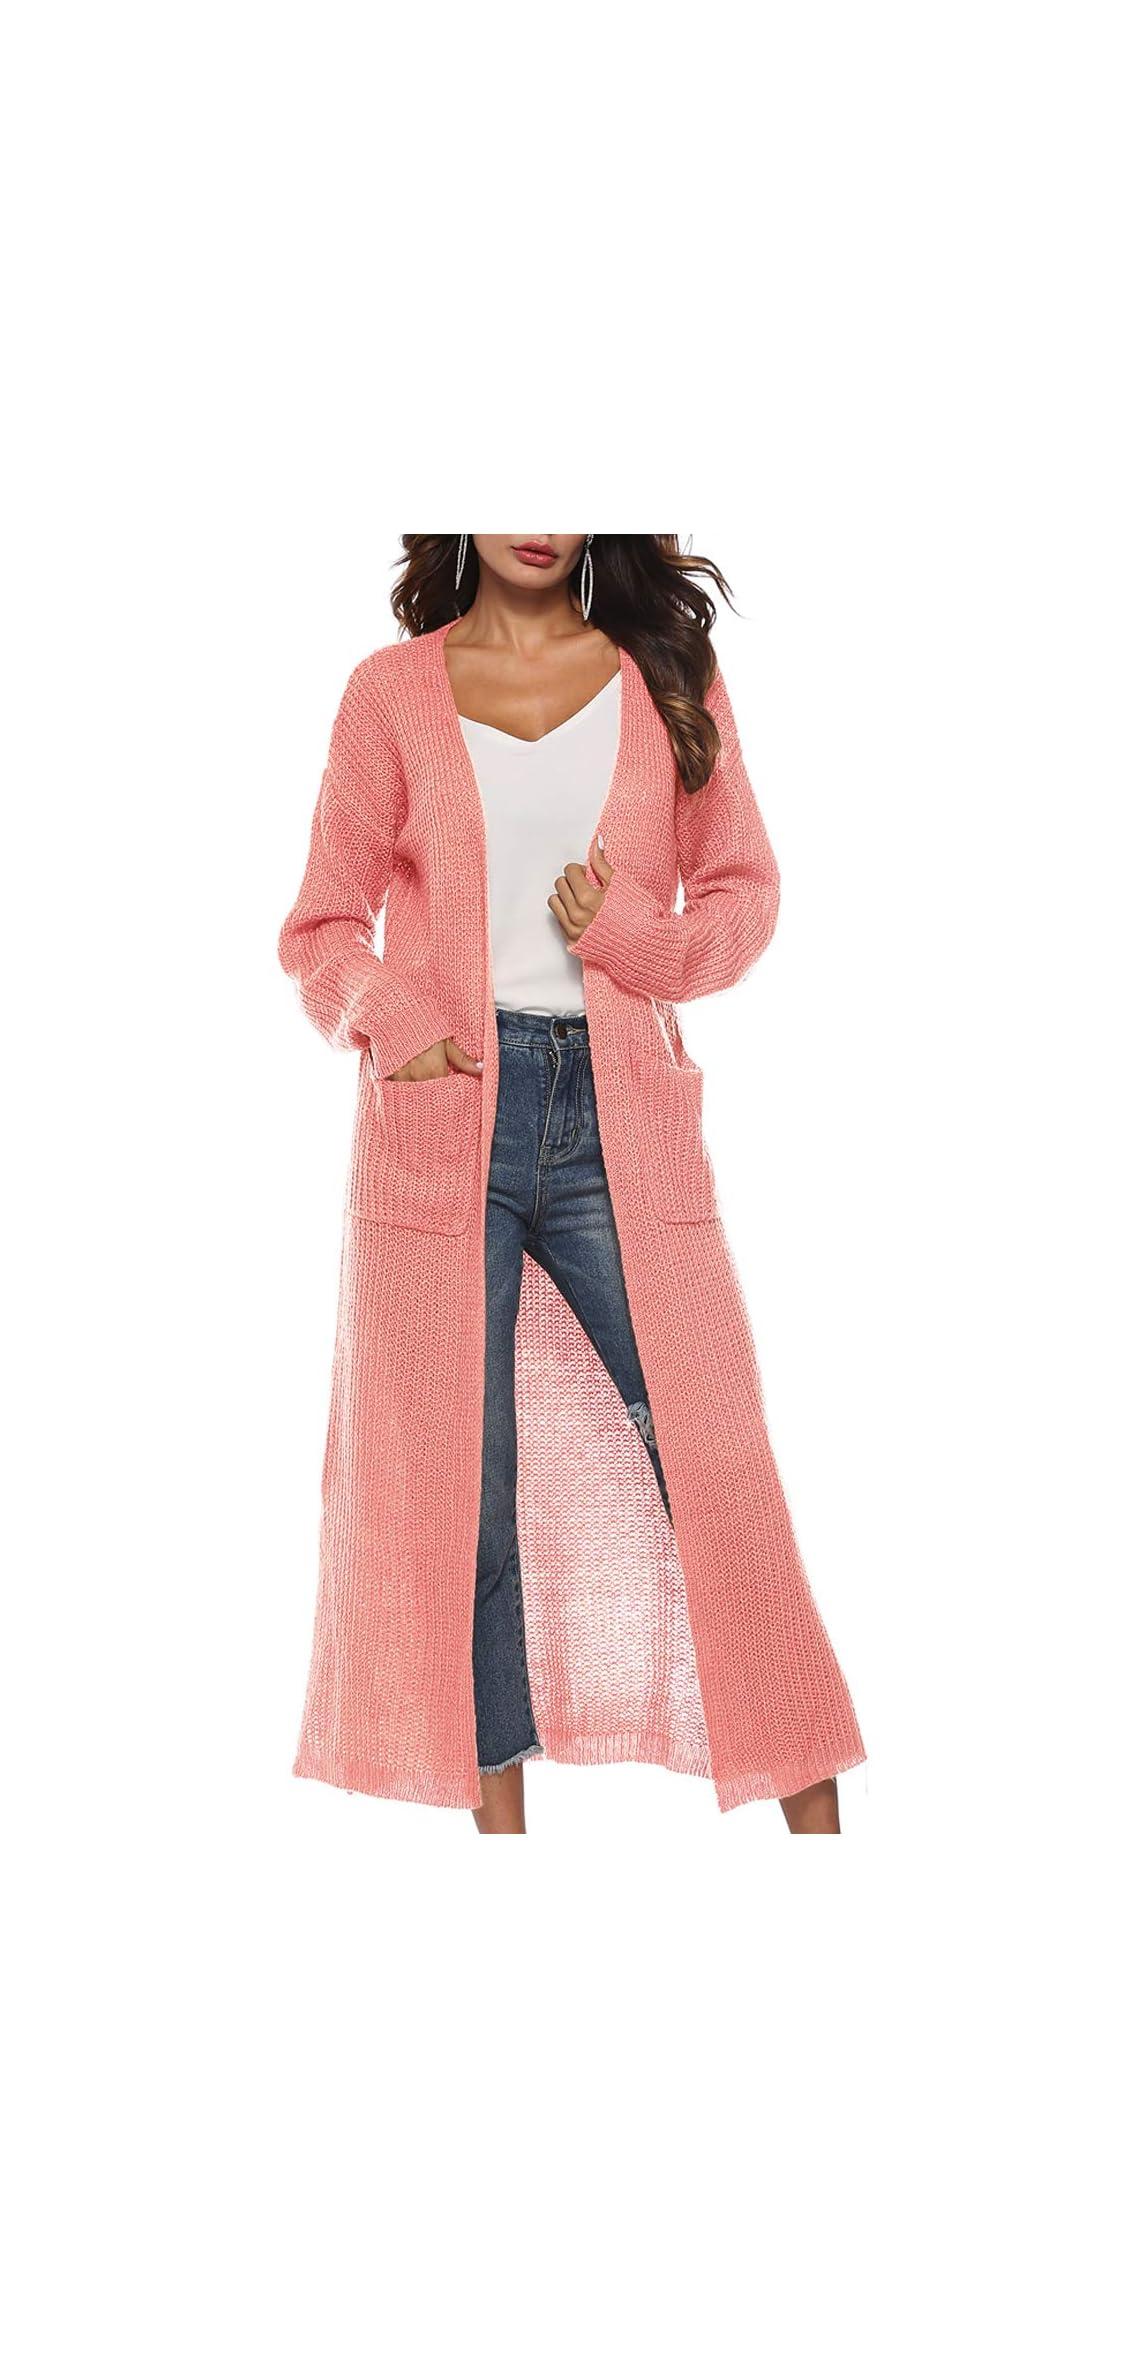 Womens Long Cardigan Long Sleeve Open Front Split Knit Cardigan